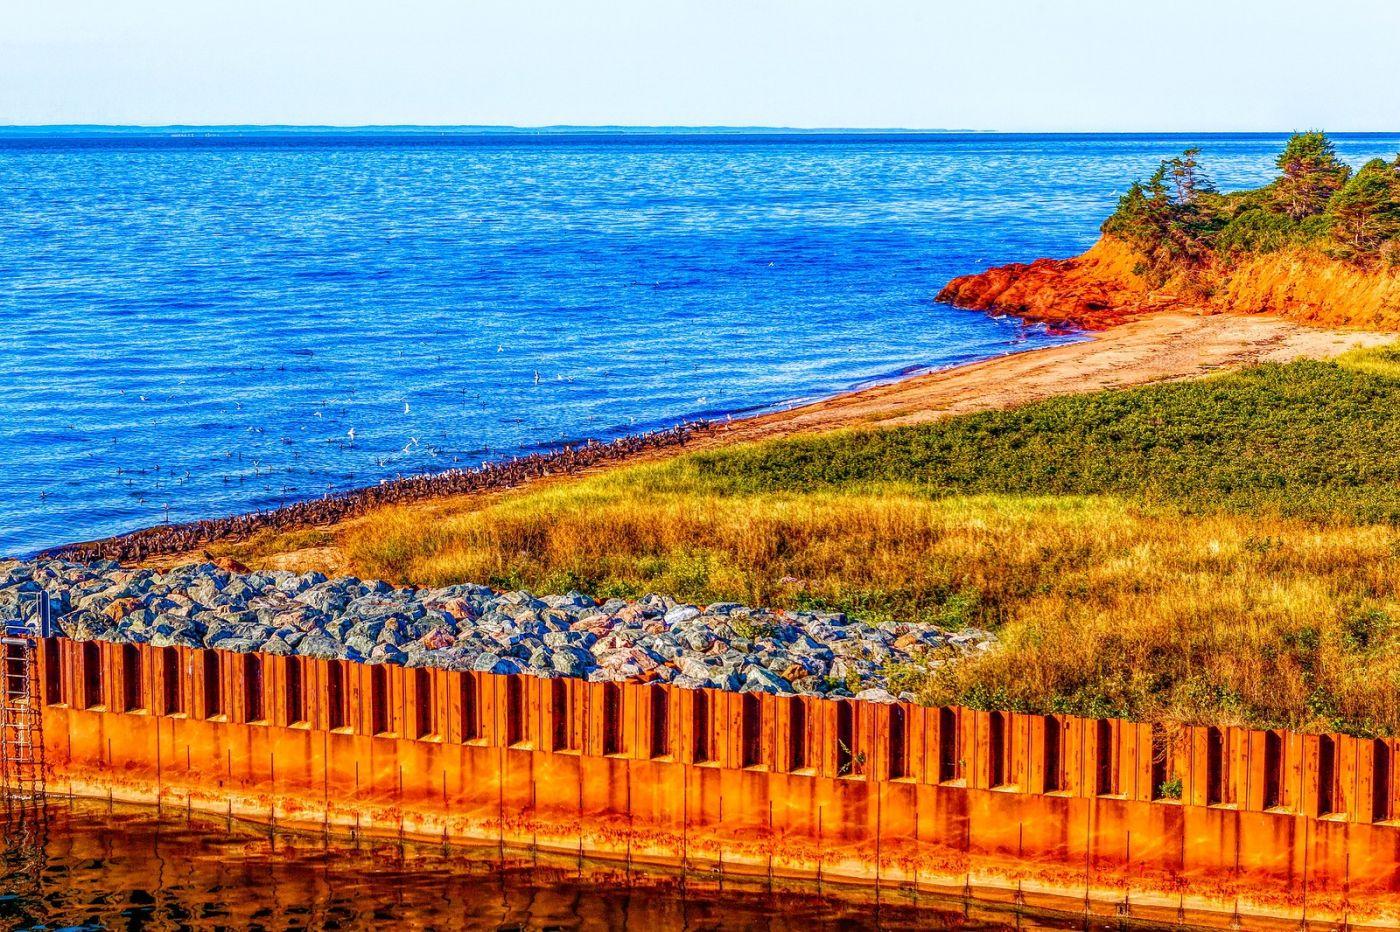 加拿大路途,水边抓拍_图1-39